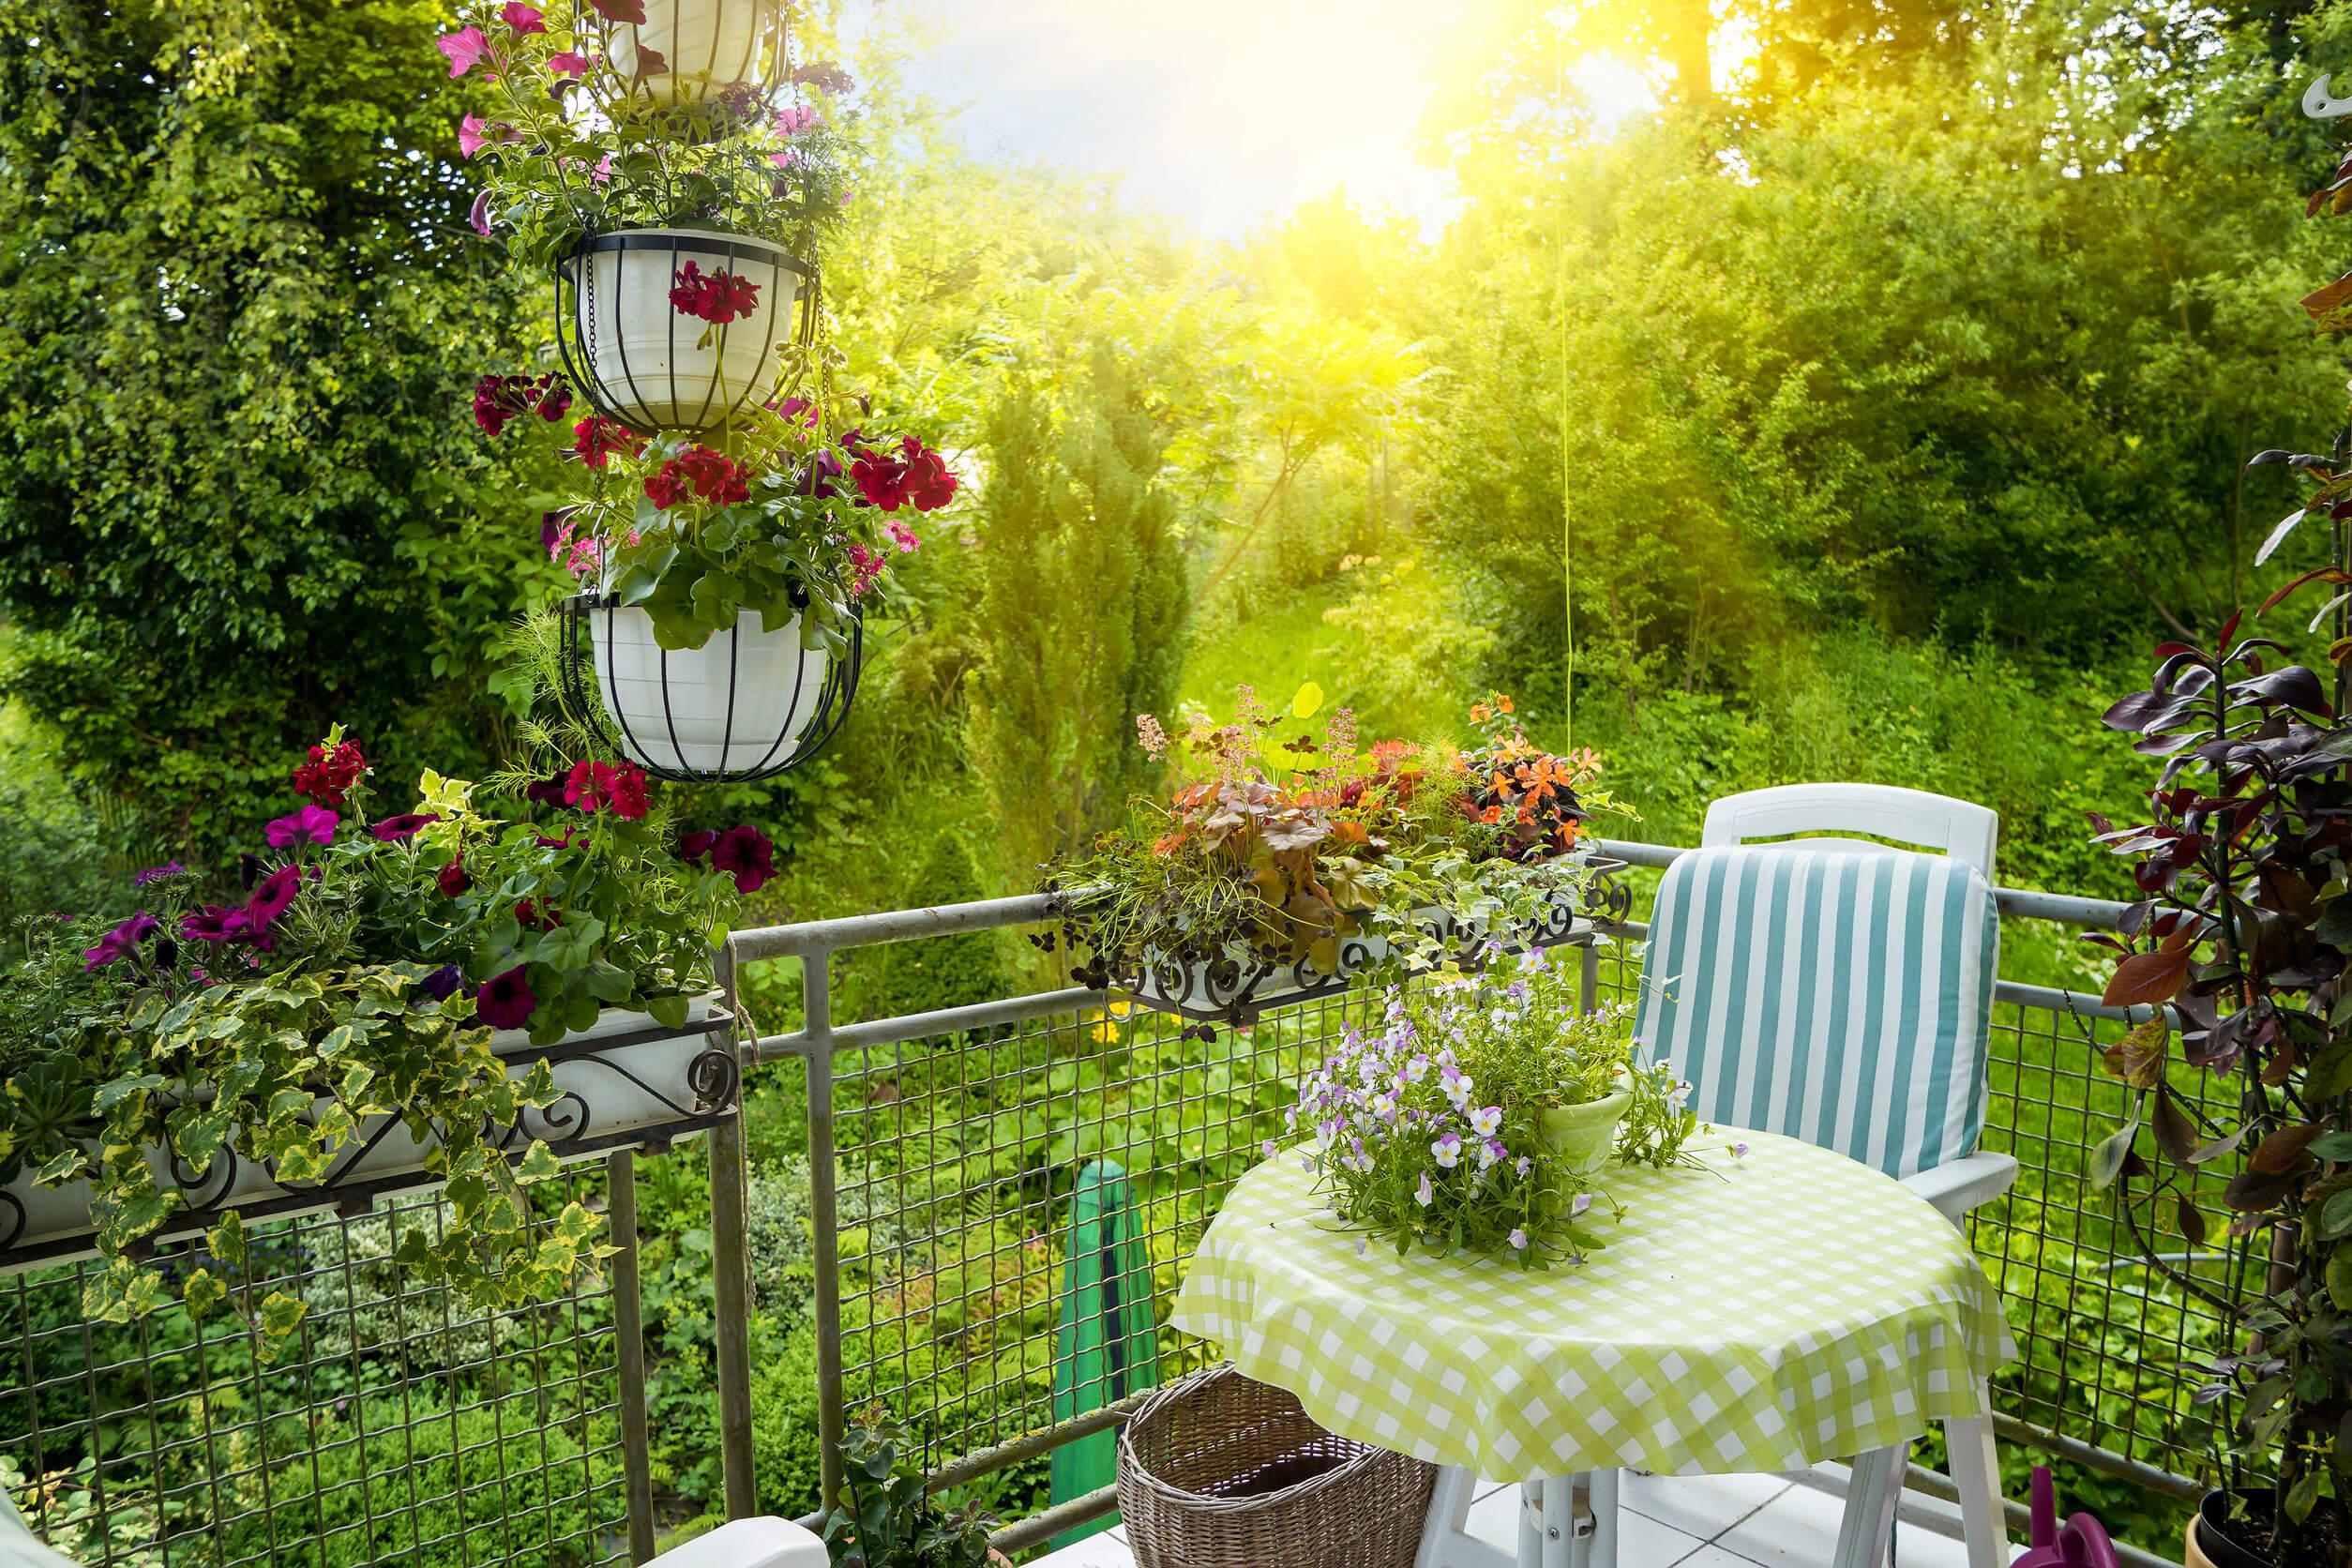 Cómo decorar tu balcón y disfrutar de la primavera